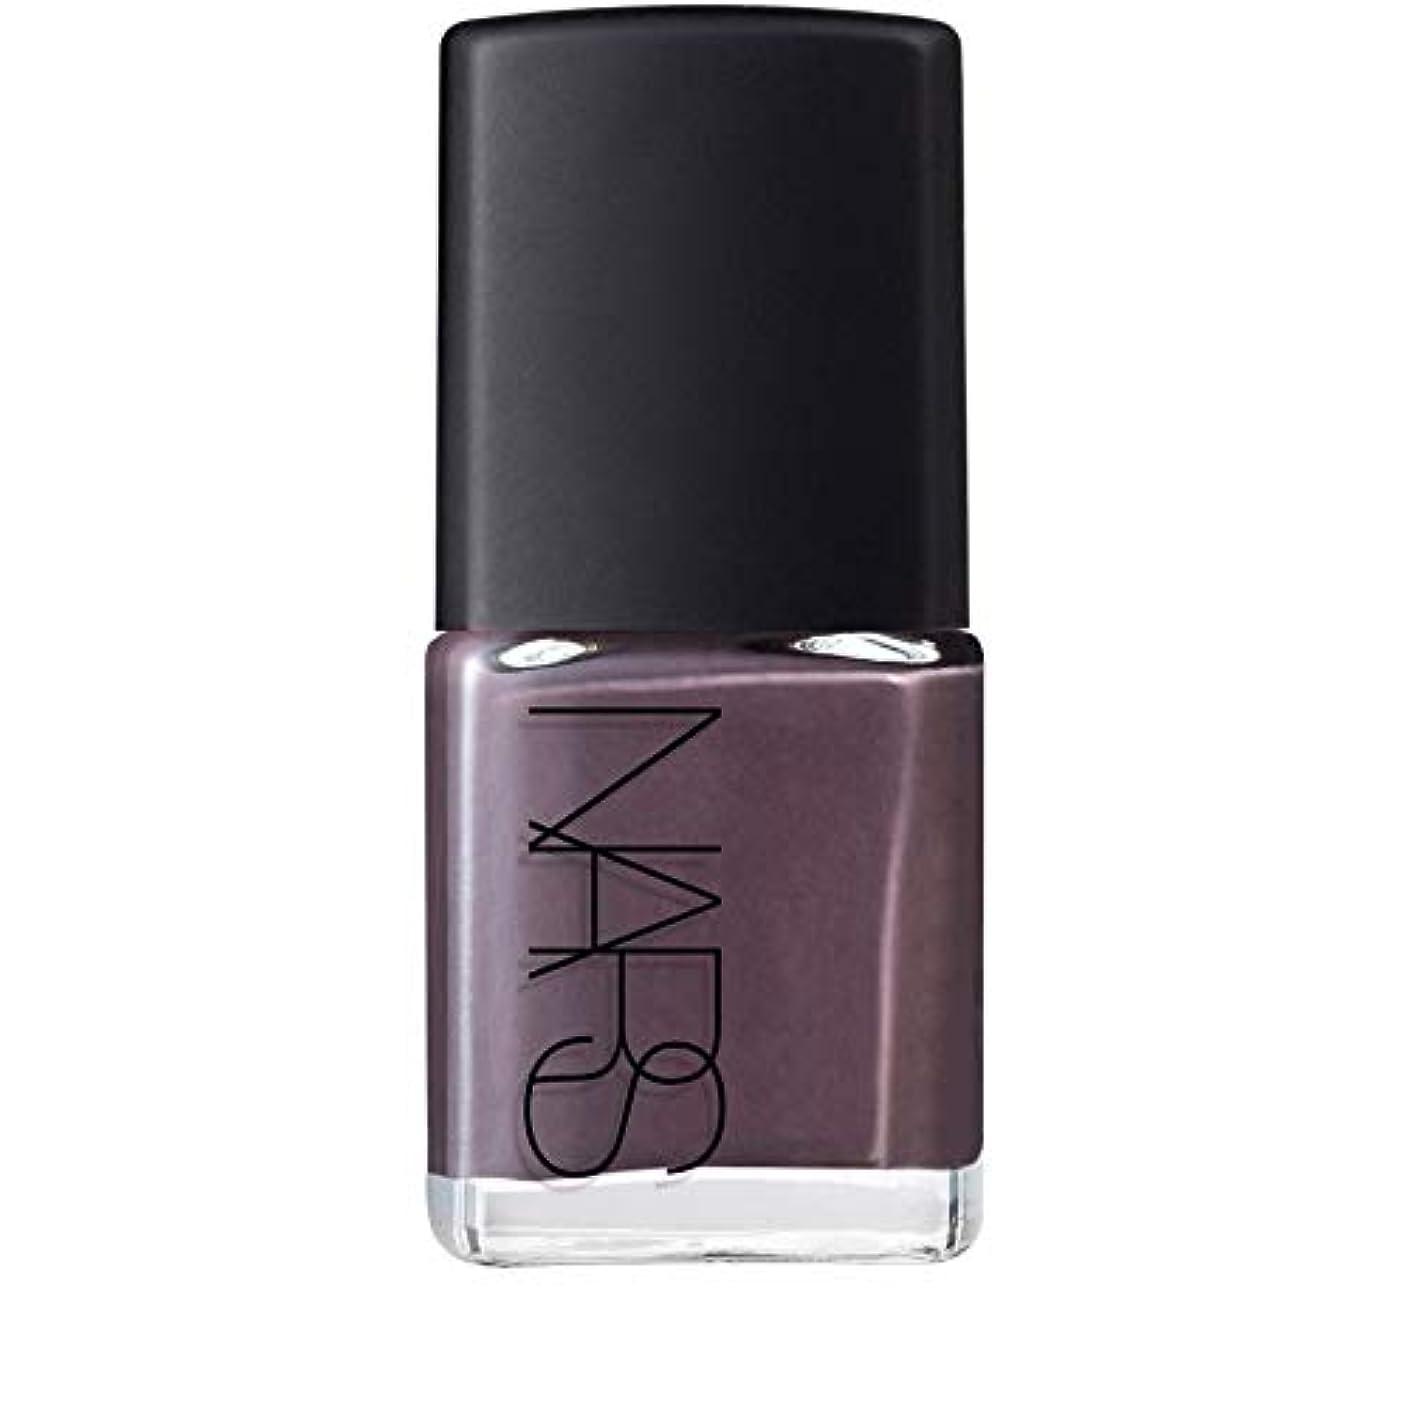 差別するスカープ見落とす[Nars] マノスク深いスモーキーラベンダーでのNarマニキュア - Nars Nail Polish in Manosque Deep Smokey Lavender [並行輸入品]